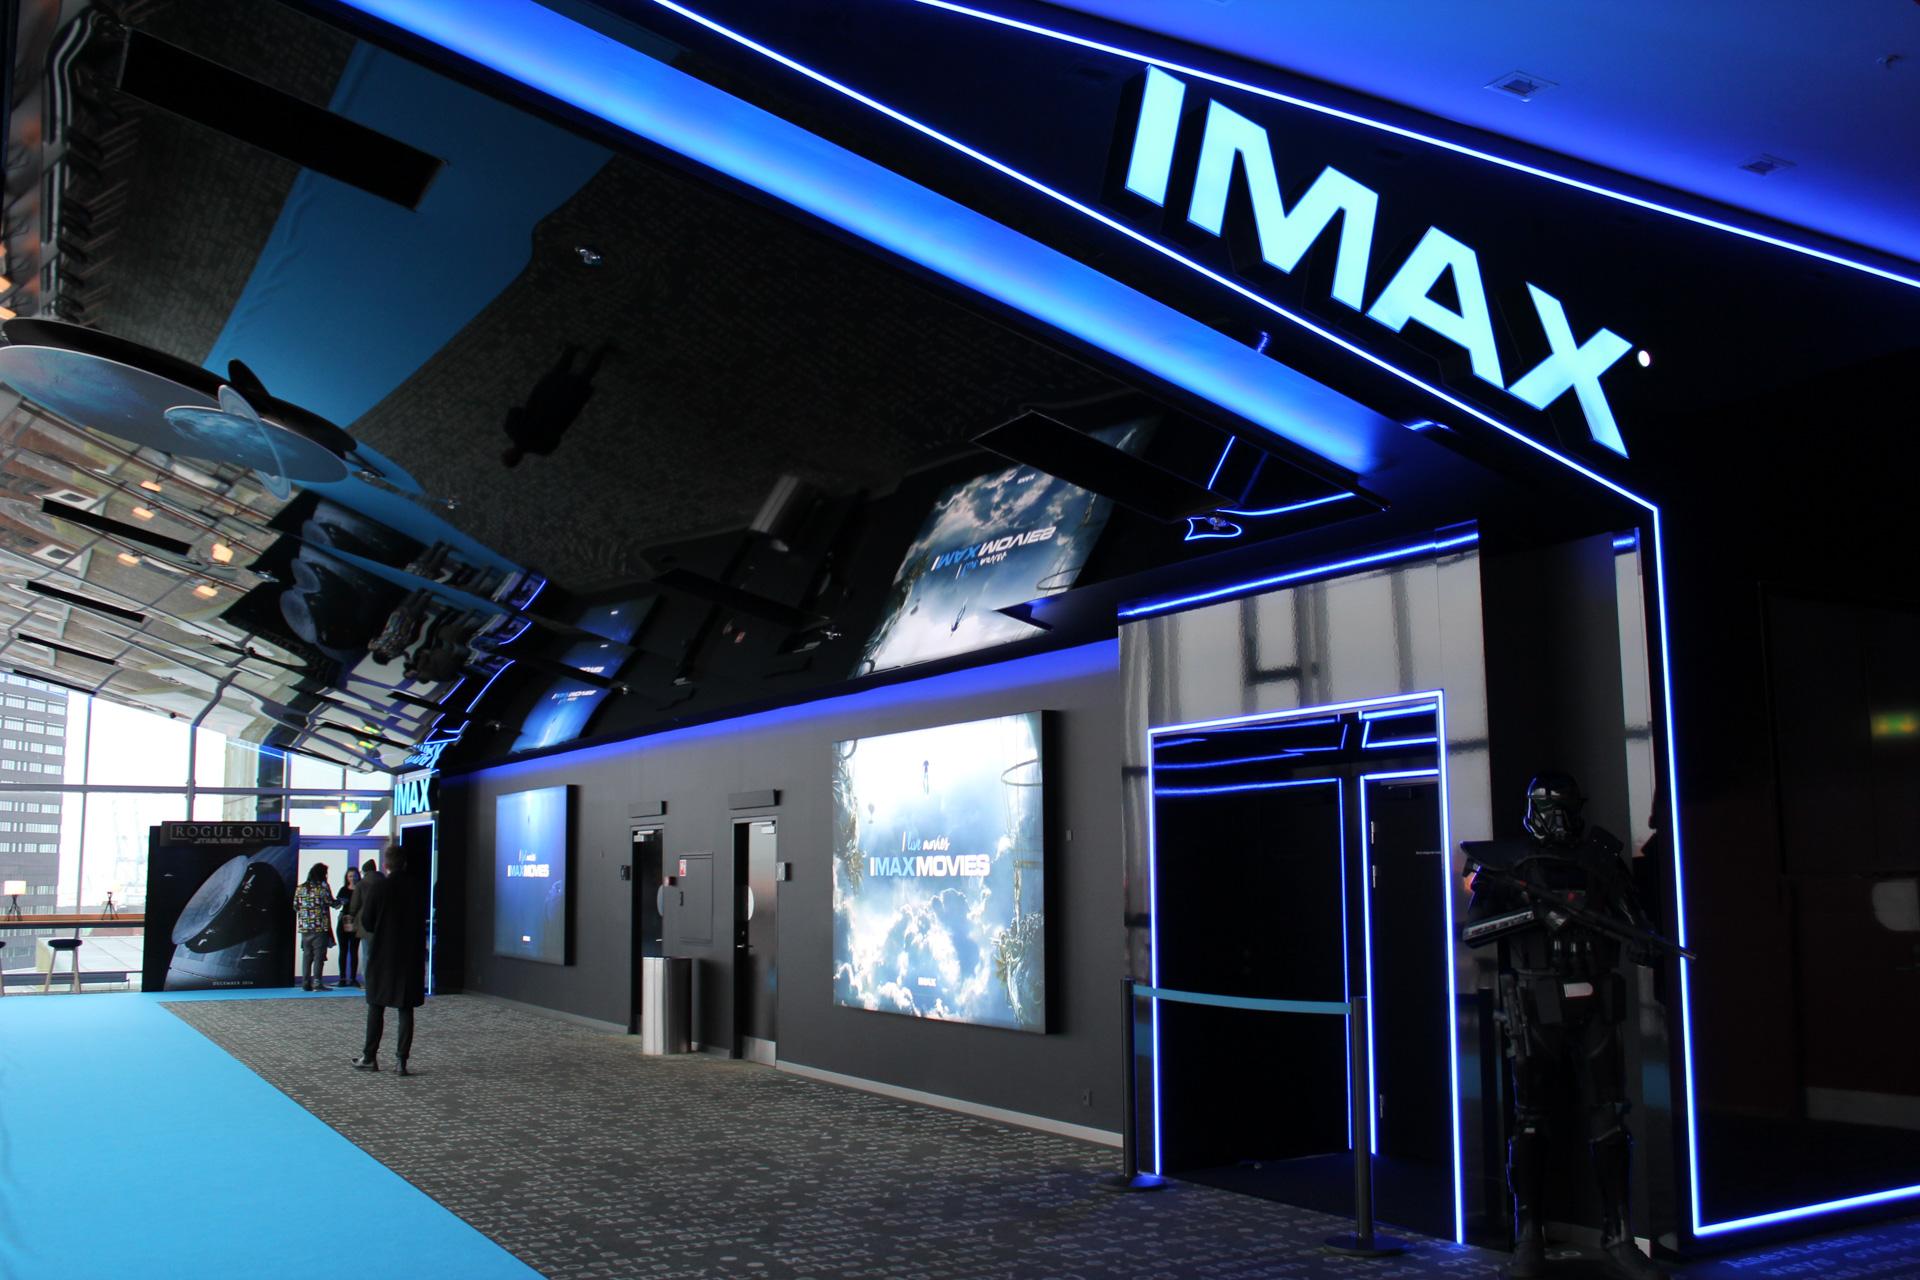 CinemaxX Aarhus: Køb billet til den sjove familiefilm CROODS 2 – og få et bæger popcorn med gratis